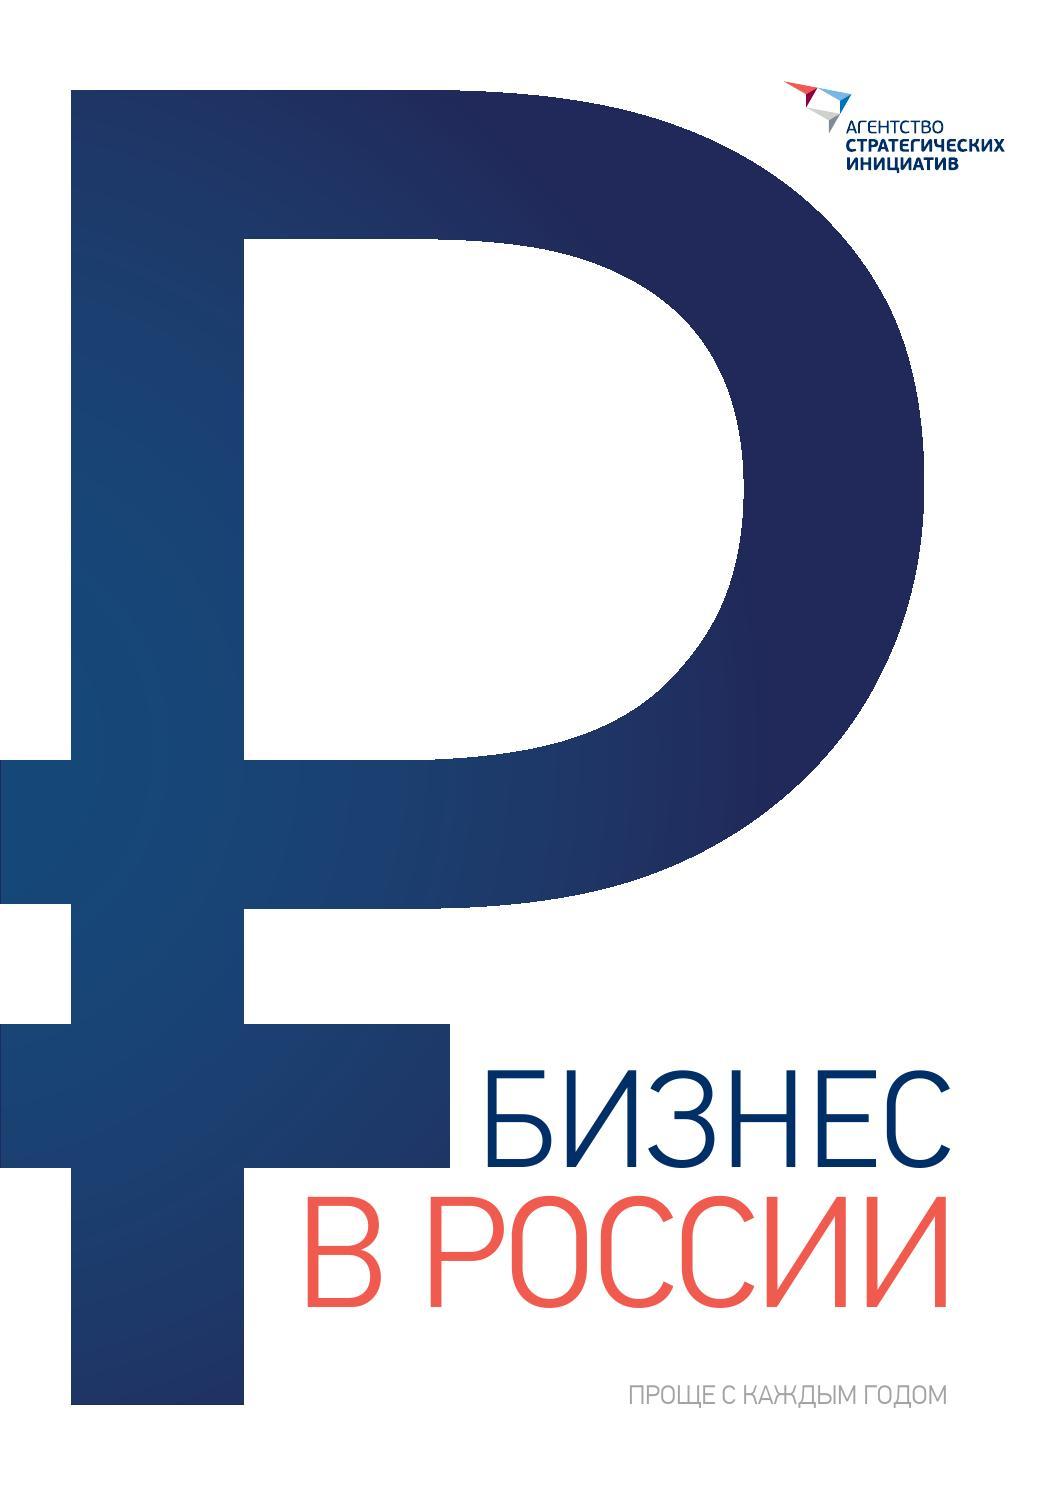 бизнес в россии в картинка головная боль